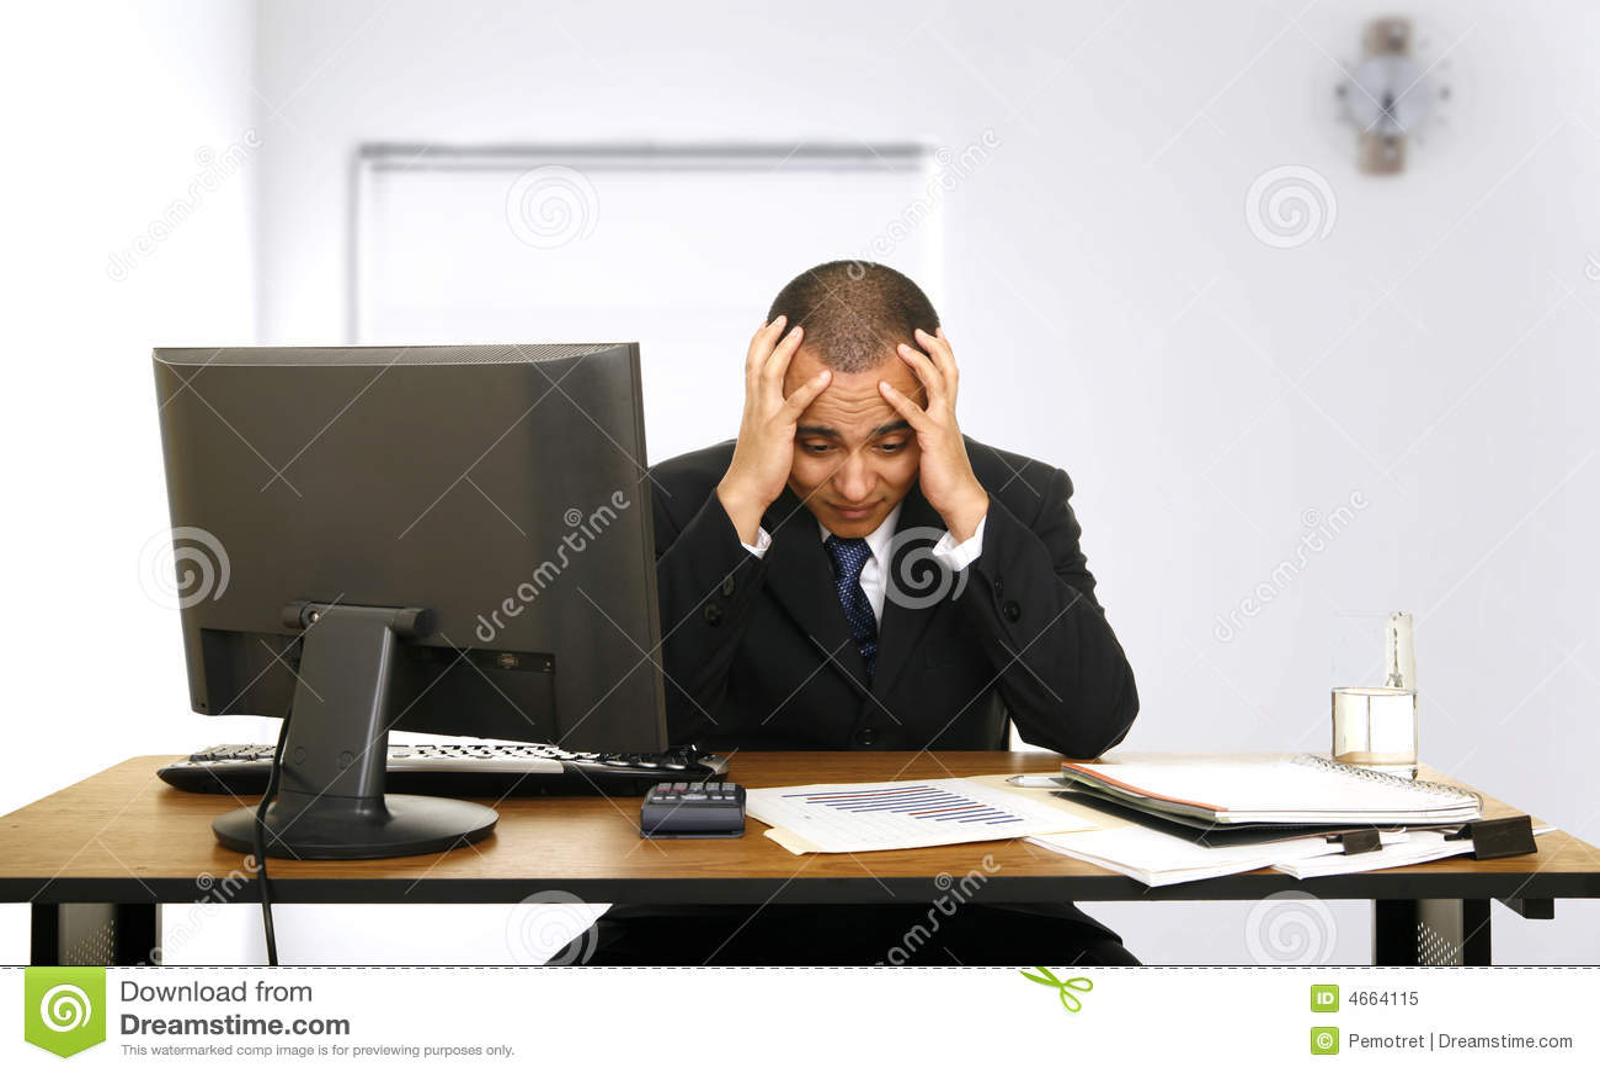 tension des employ s dans son bureau photo libre de droits image 4664115. Black Bedroom Furniture Sets. Home Design Ideas